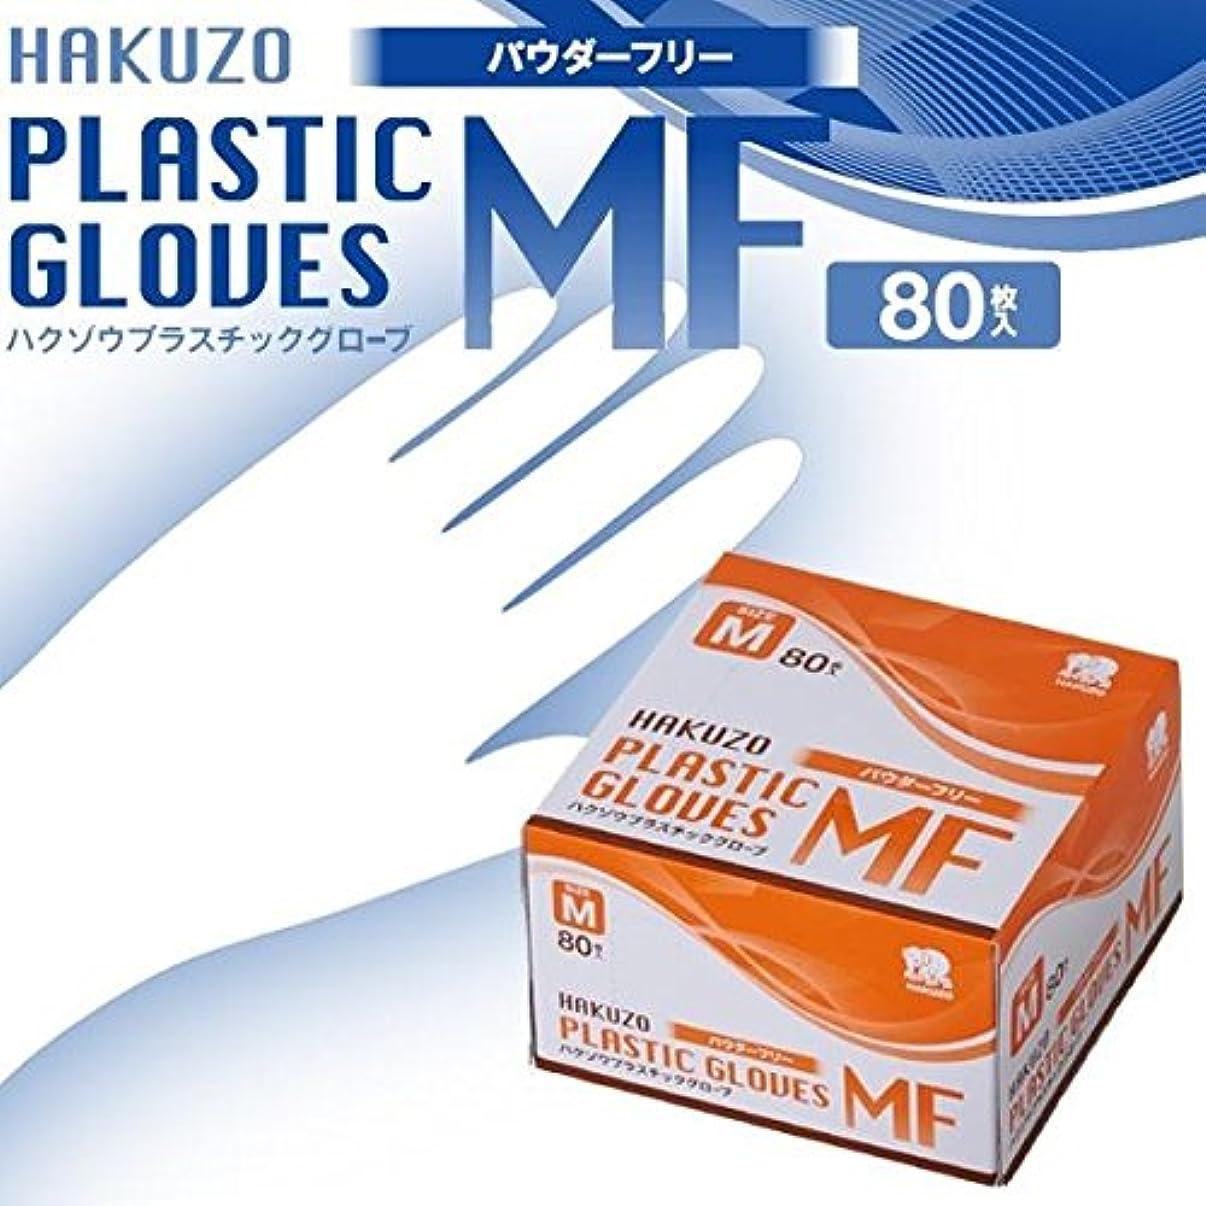 小切手葉を集めるロッカーハクゾウ プラスチックグローブMF パウダーフリー M 80枚入×6箱セット